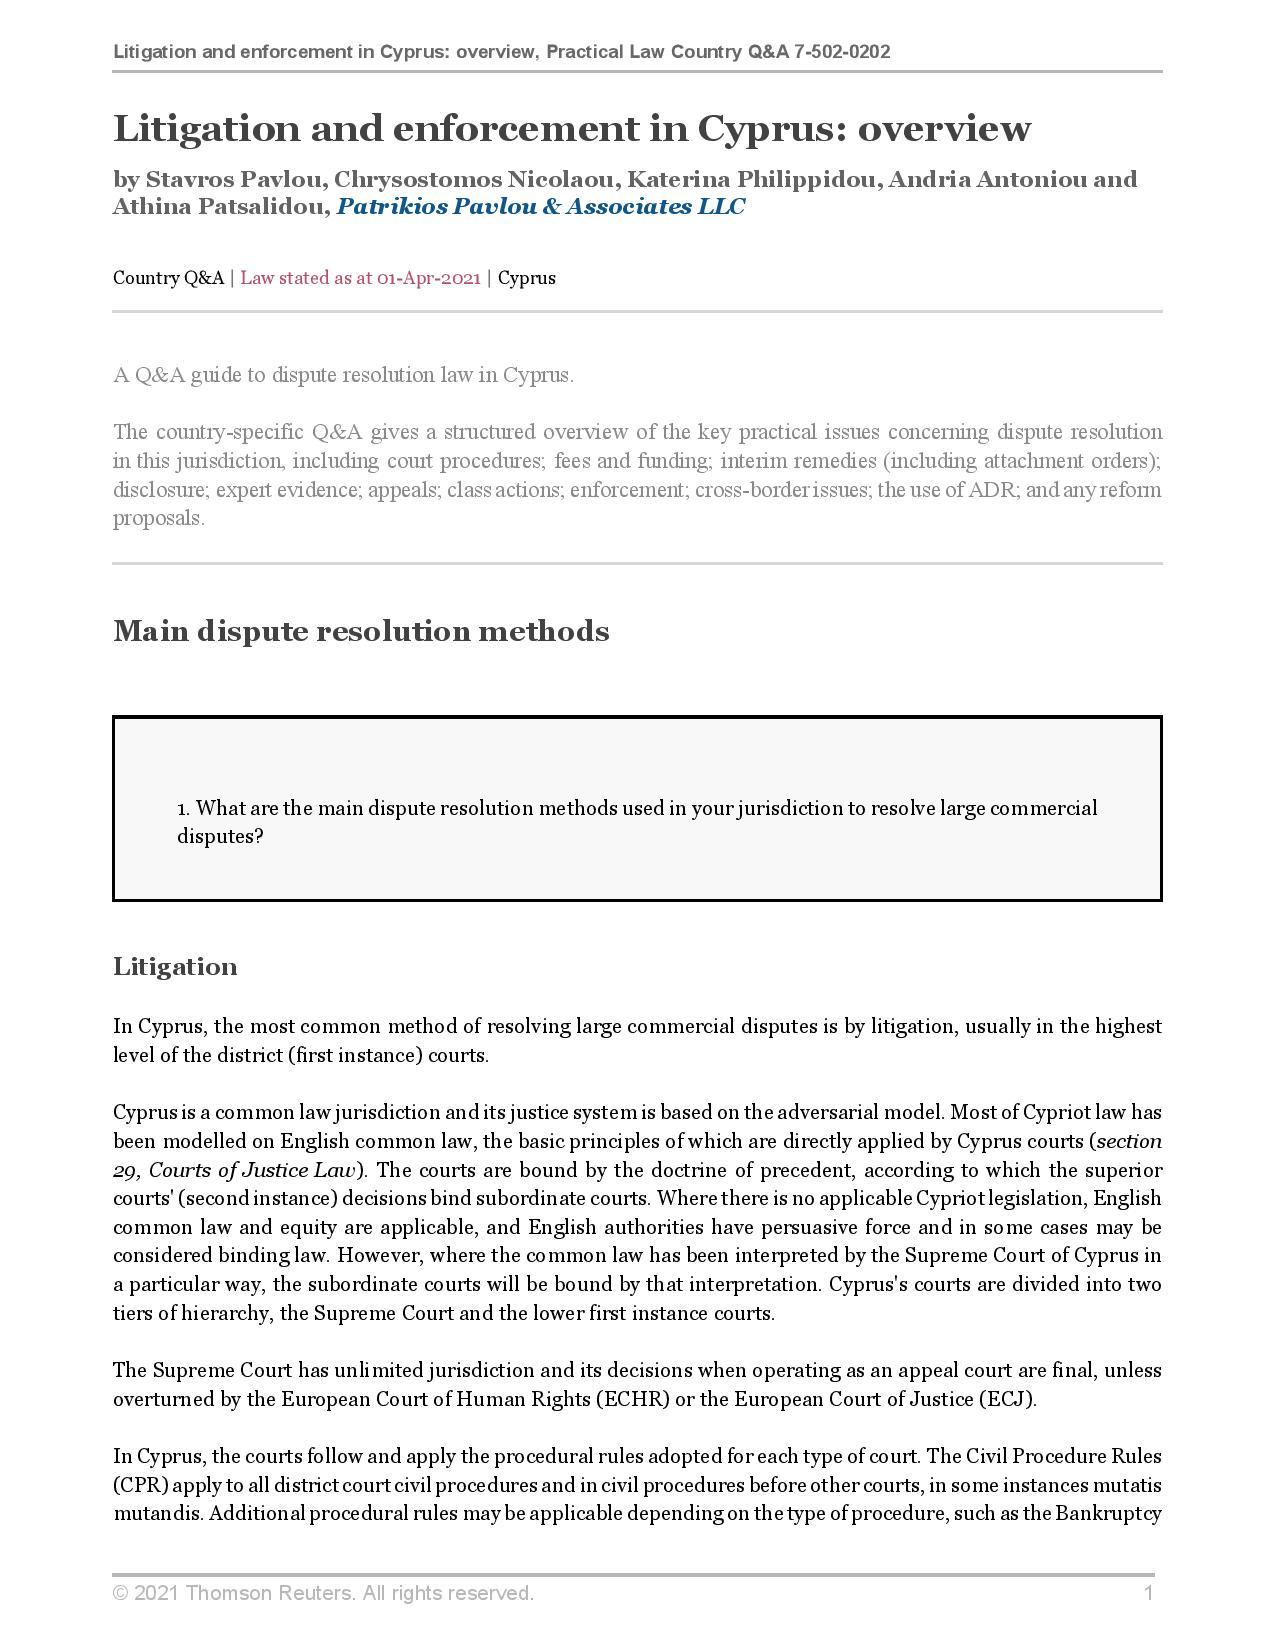 Patrikios Pavlou & Associates LLC: Litigation and enforcement in Cyprus: overview